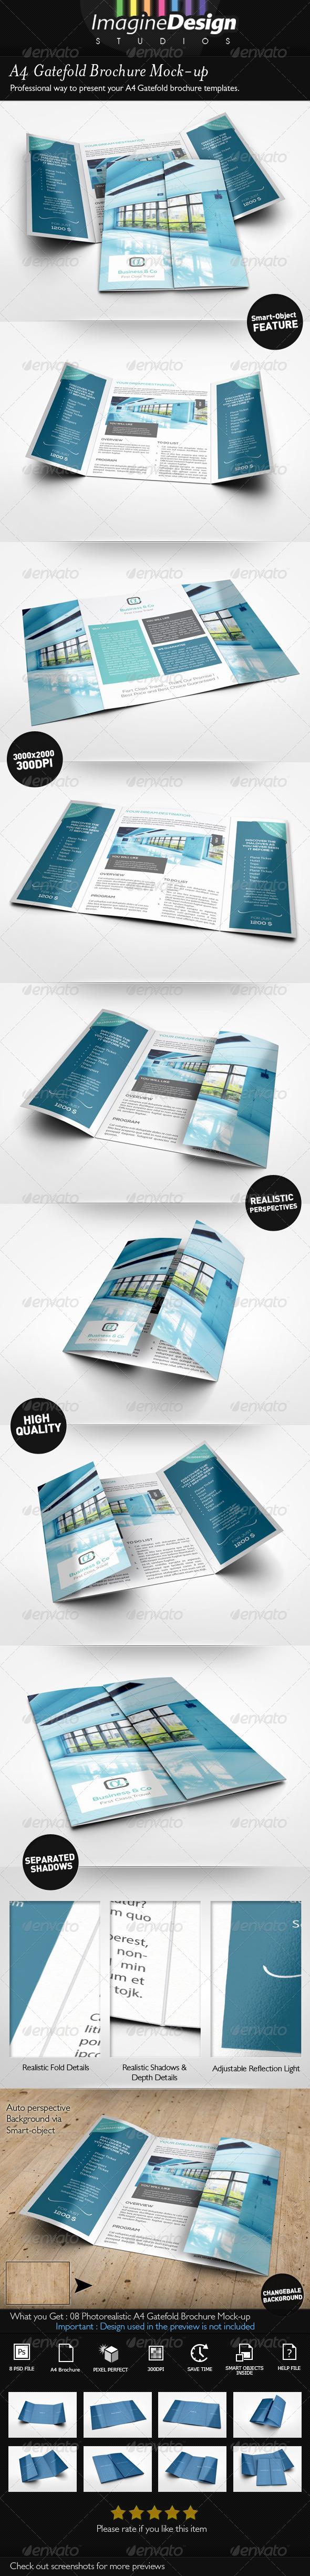 A4 Gatefold Brochure Mockup by BaGeRa – Gate Fold Brochure Mockup